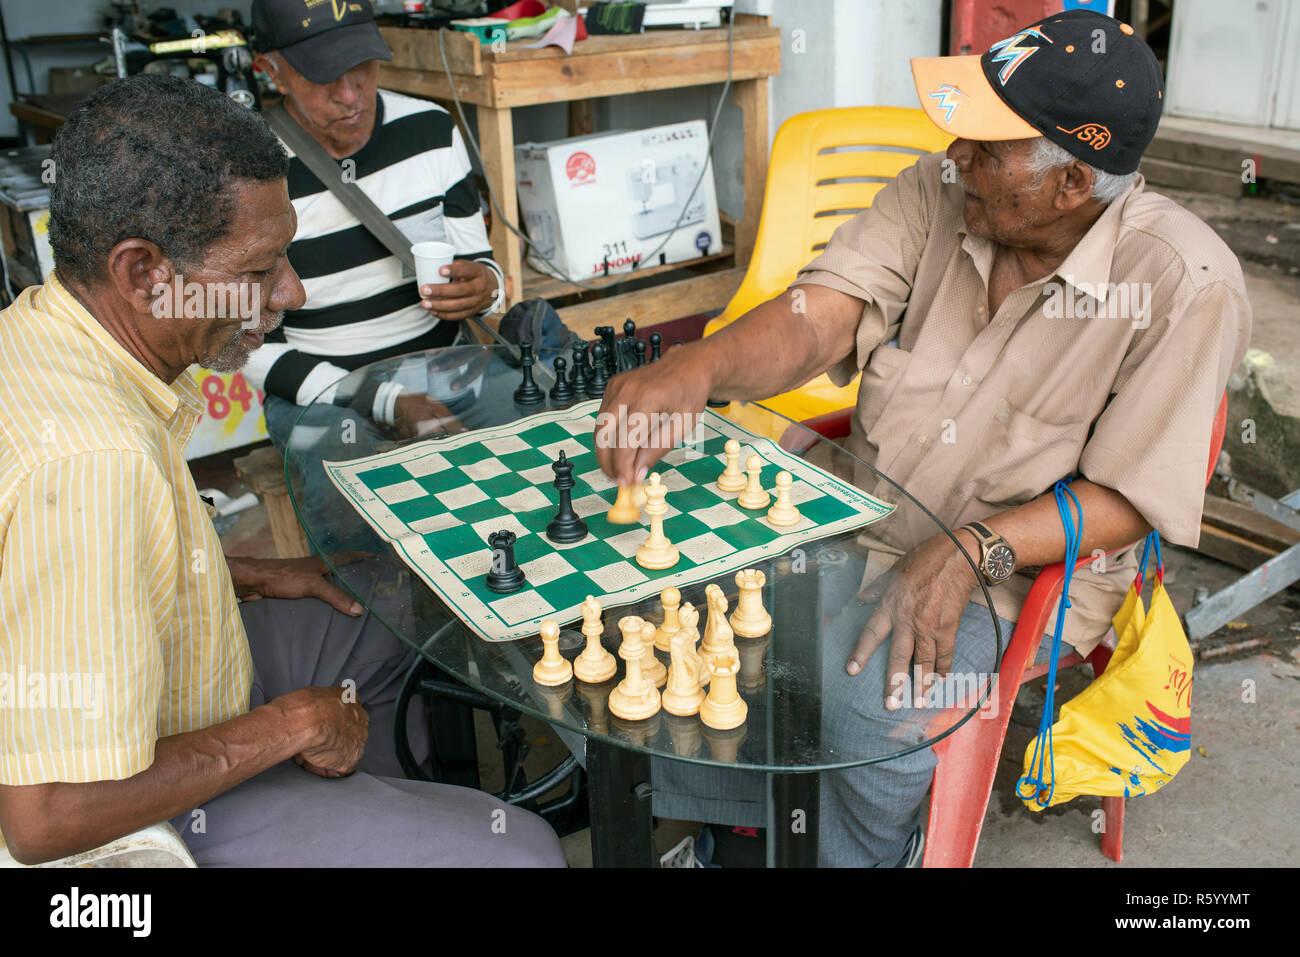 Afro-Colombian uomini giocare a scacchi al di fuori di una macchina da cucire repair shop. Lo stile di vita quotidiano in Cartagena de Indias, Colombia. Ott 2018 Immagini Stock